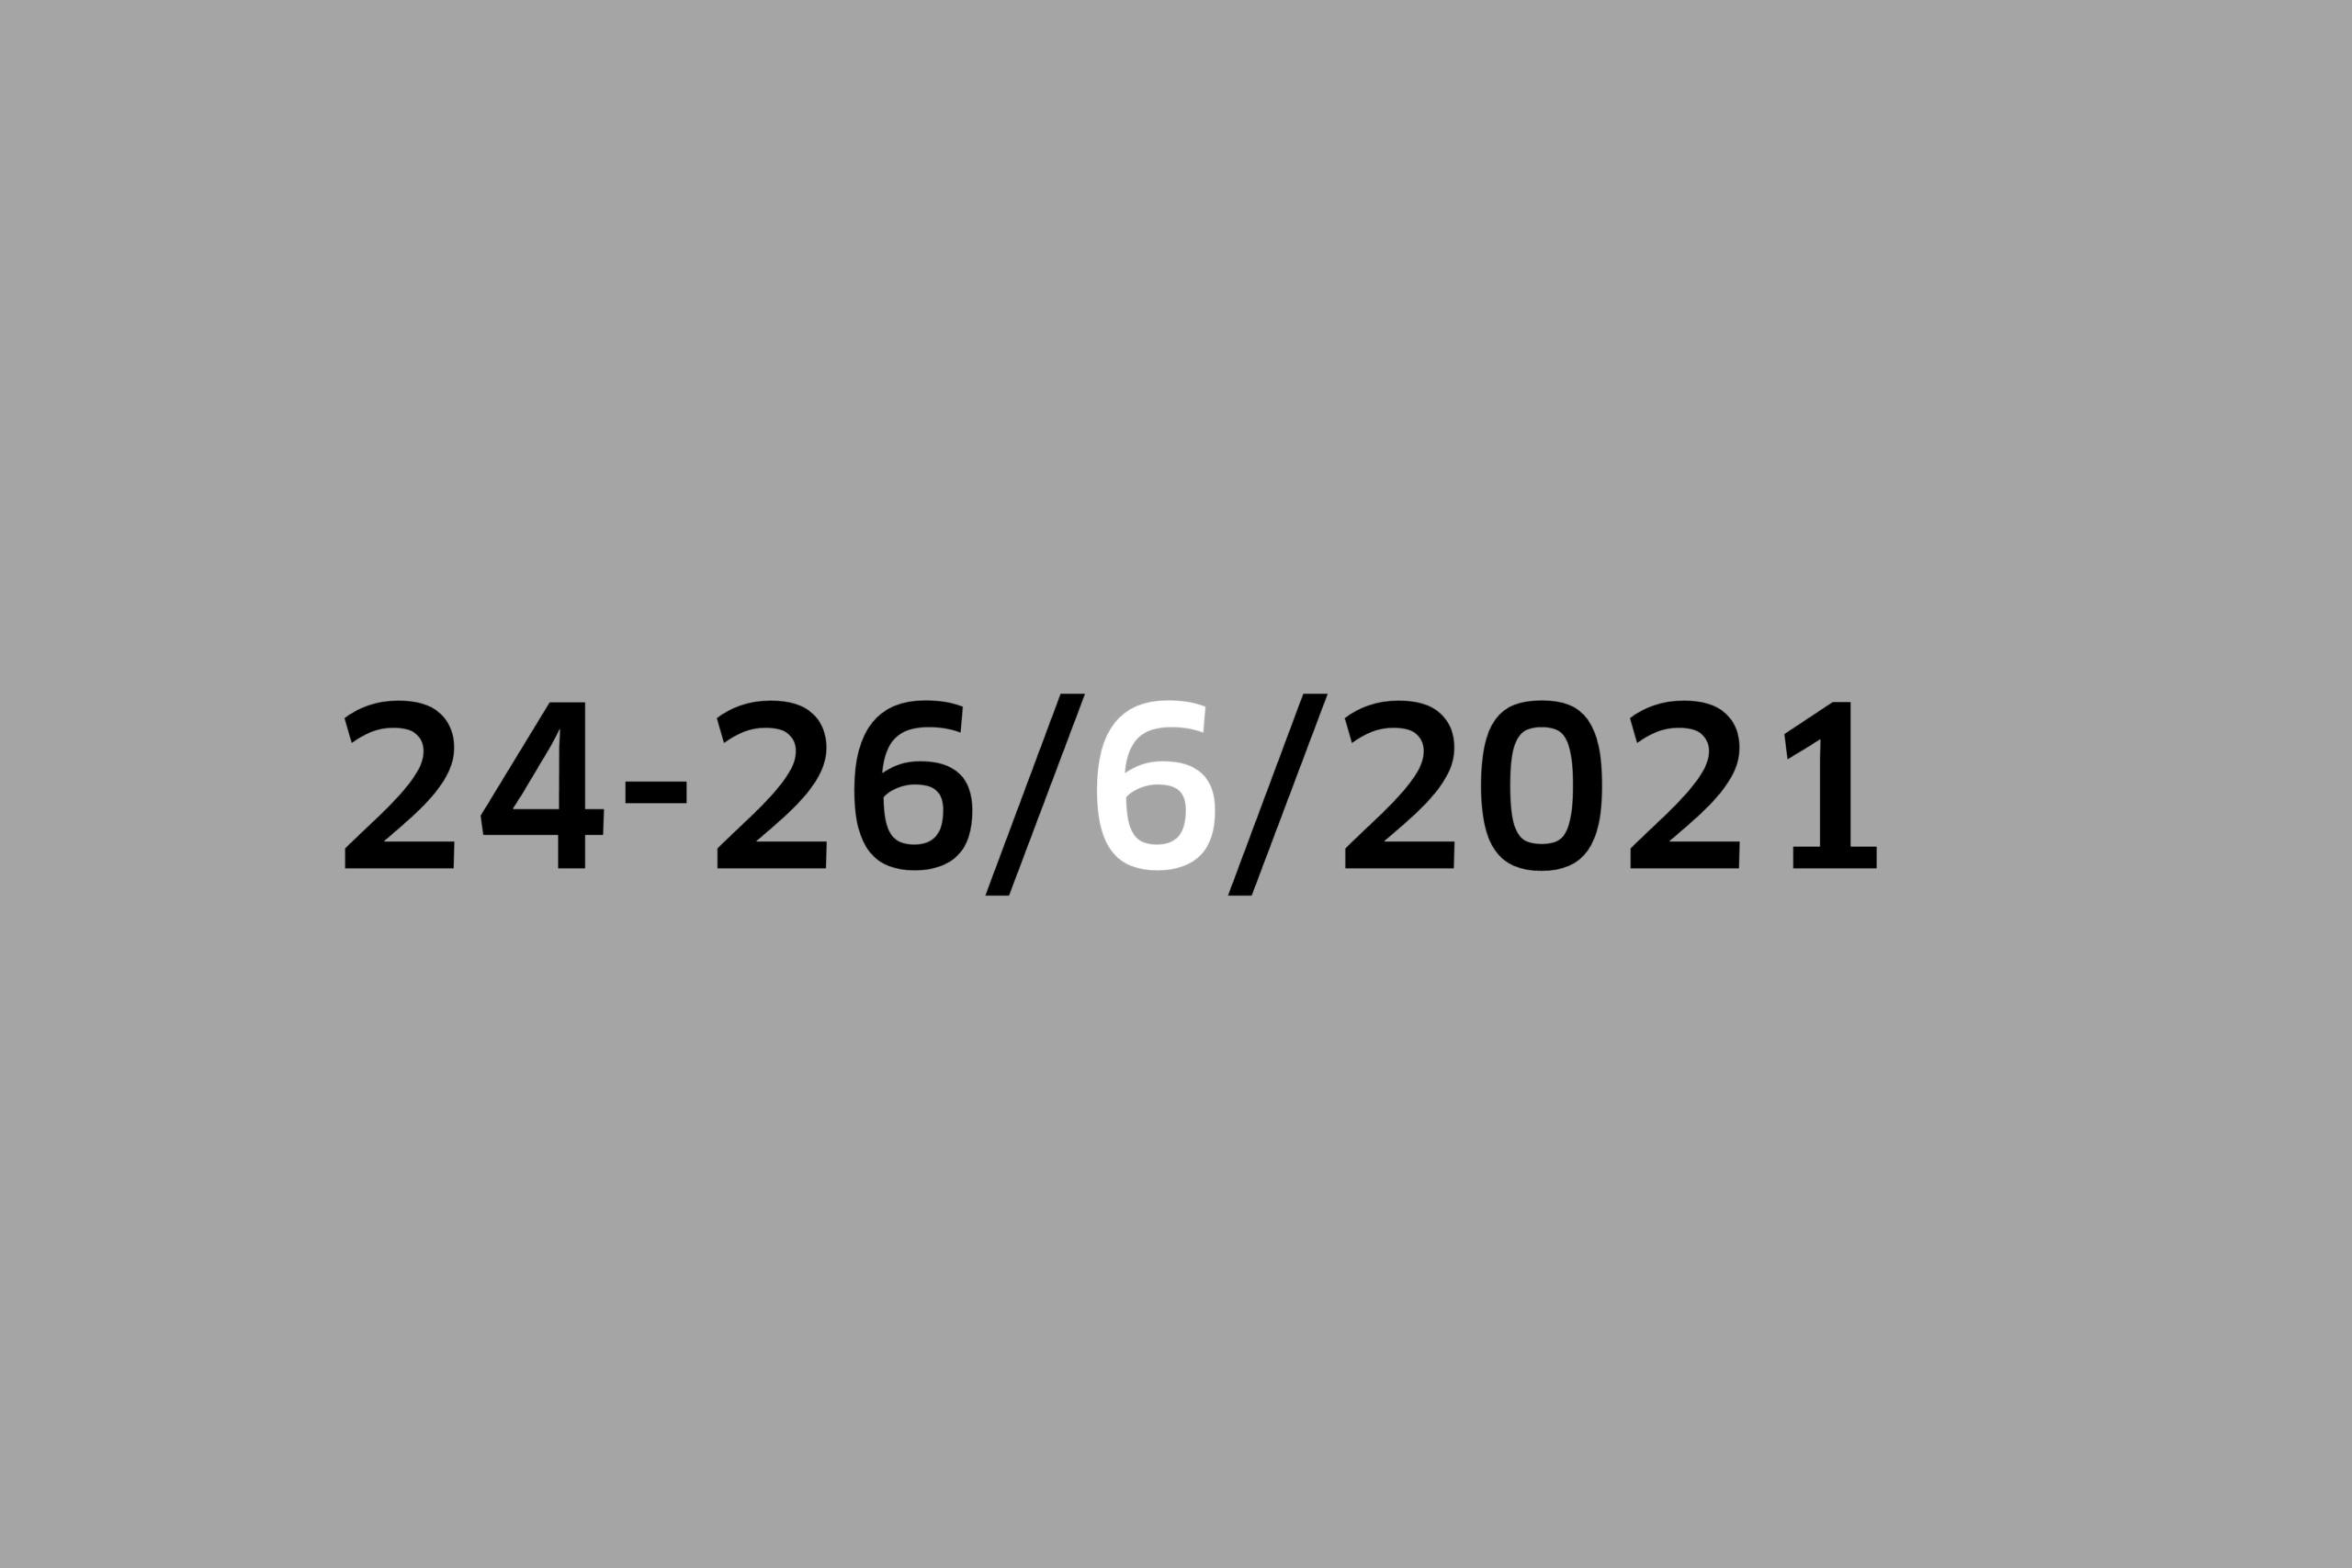 Studio 24-26/6/2021